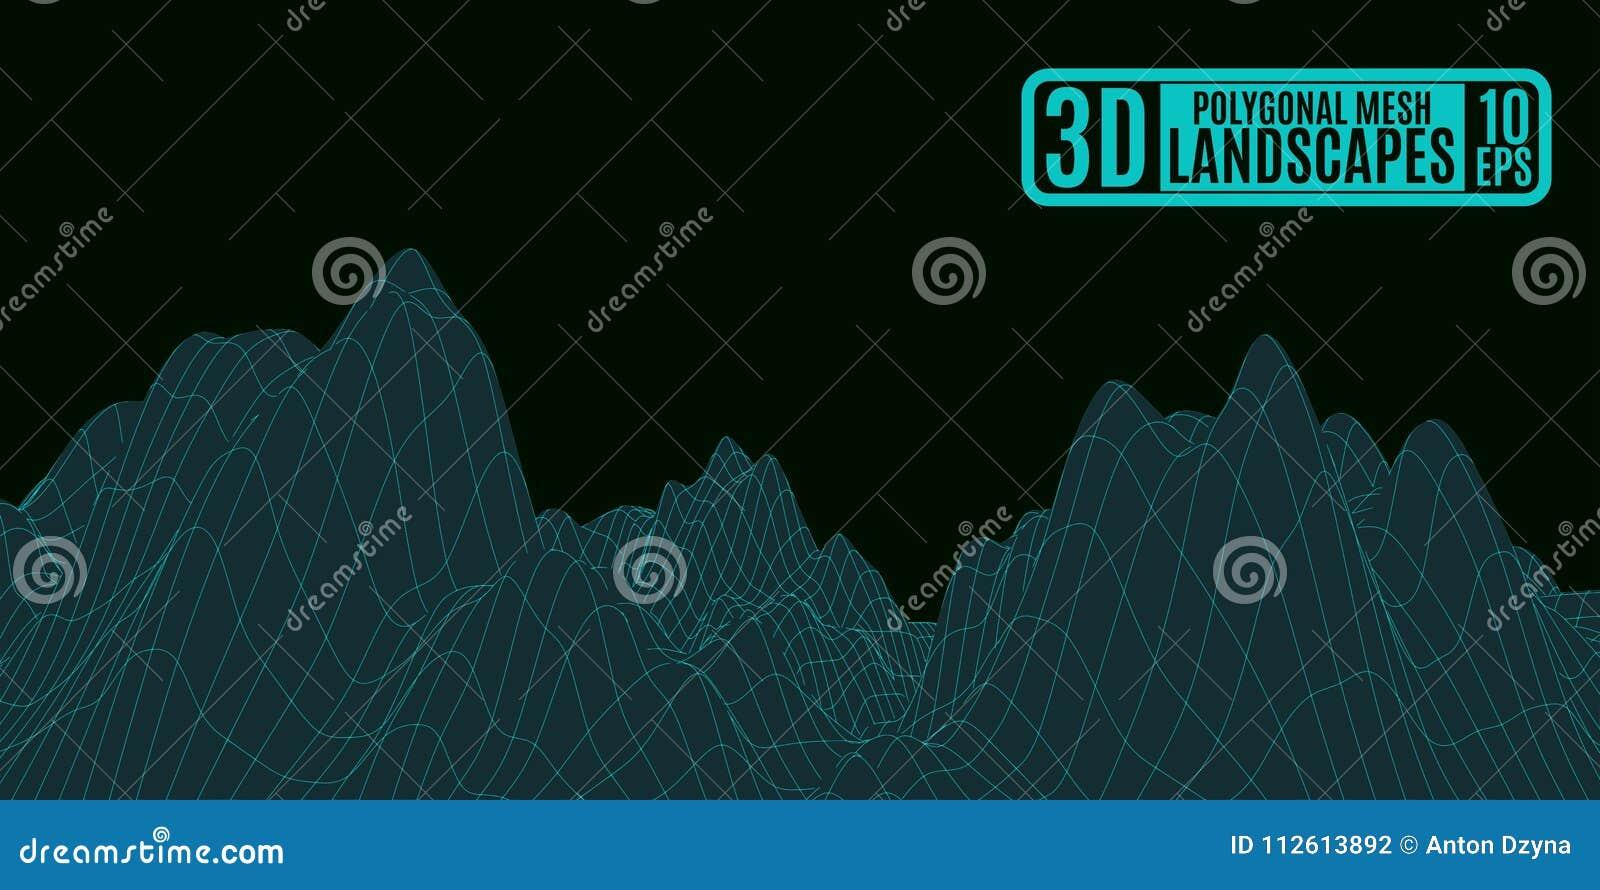 Zielonych neonowych gór abstrakcjonistyczny obcy dziwaczny